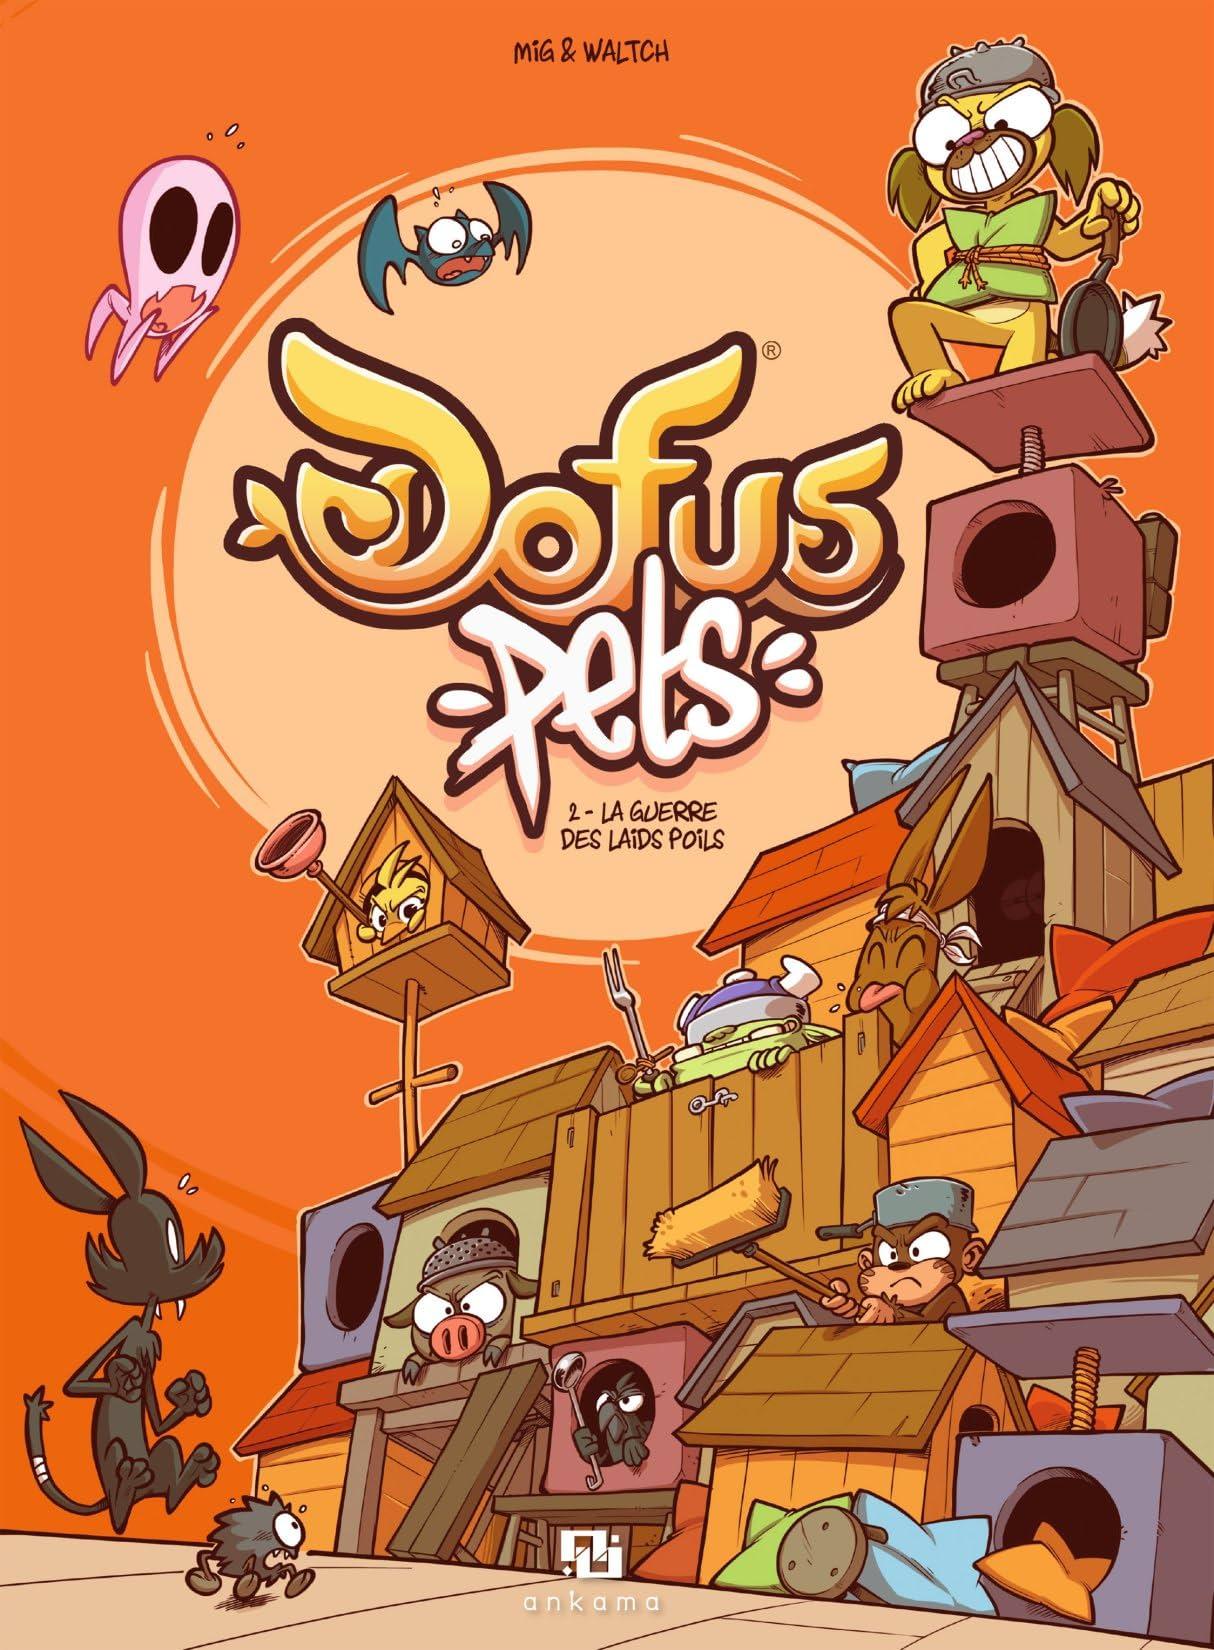 DOFUS Pets Vol. 2: La guerre des laids poils